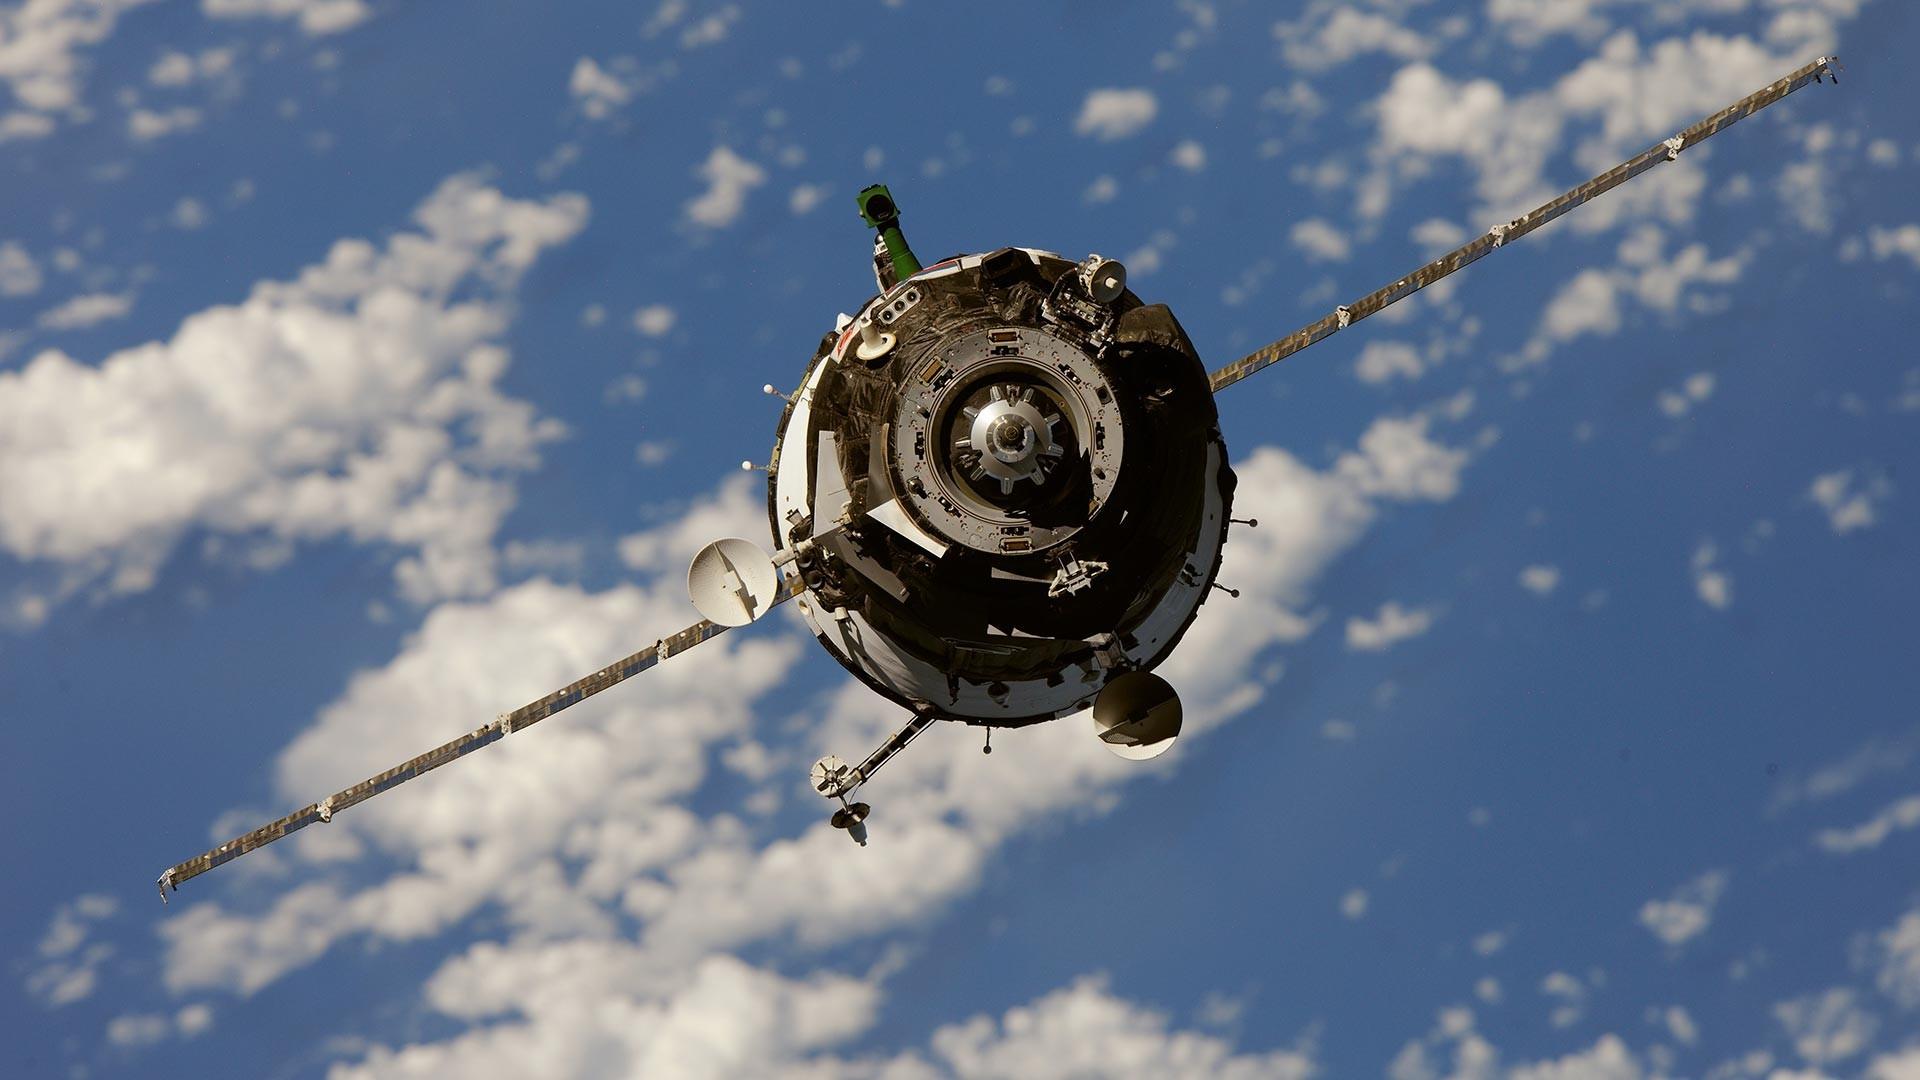 Soyuz TMA-01M